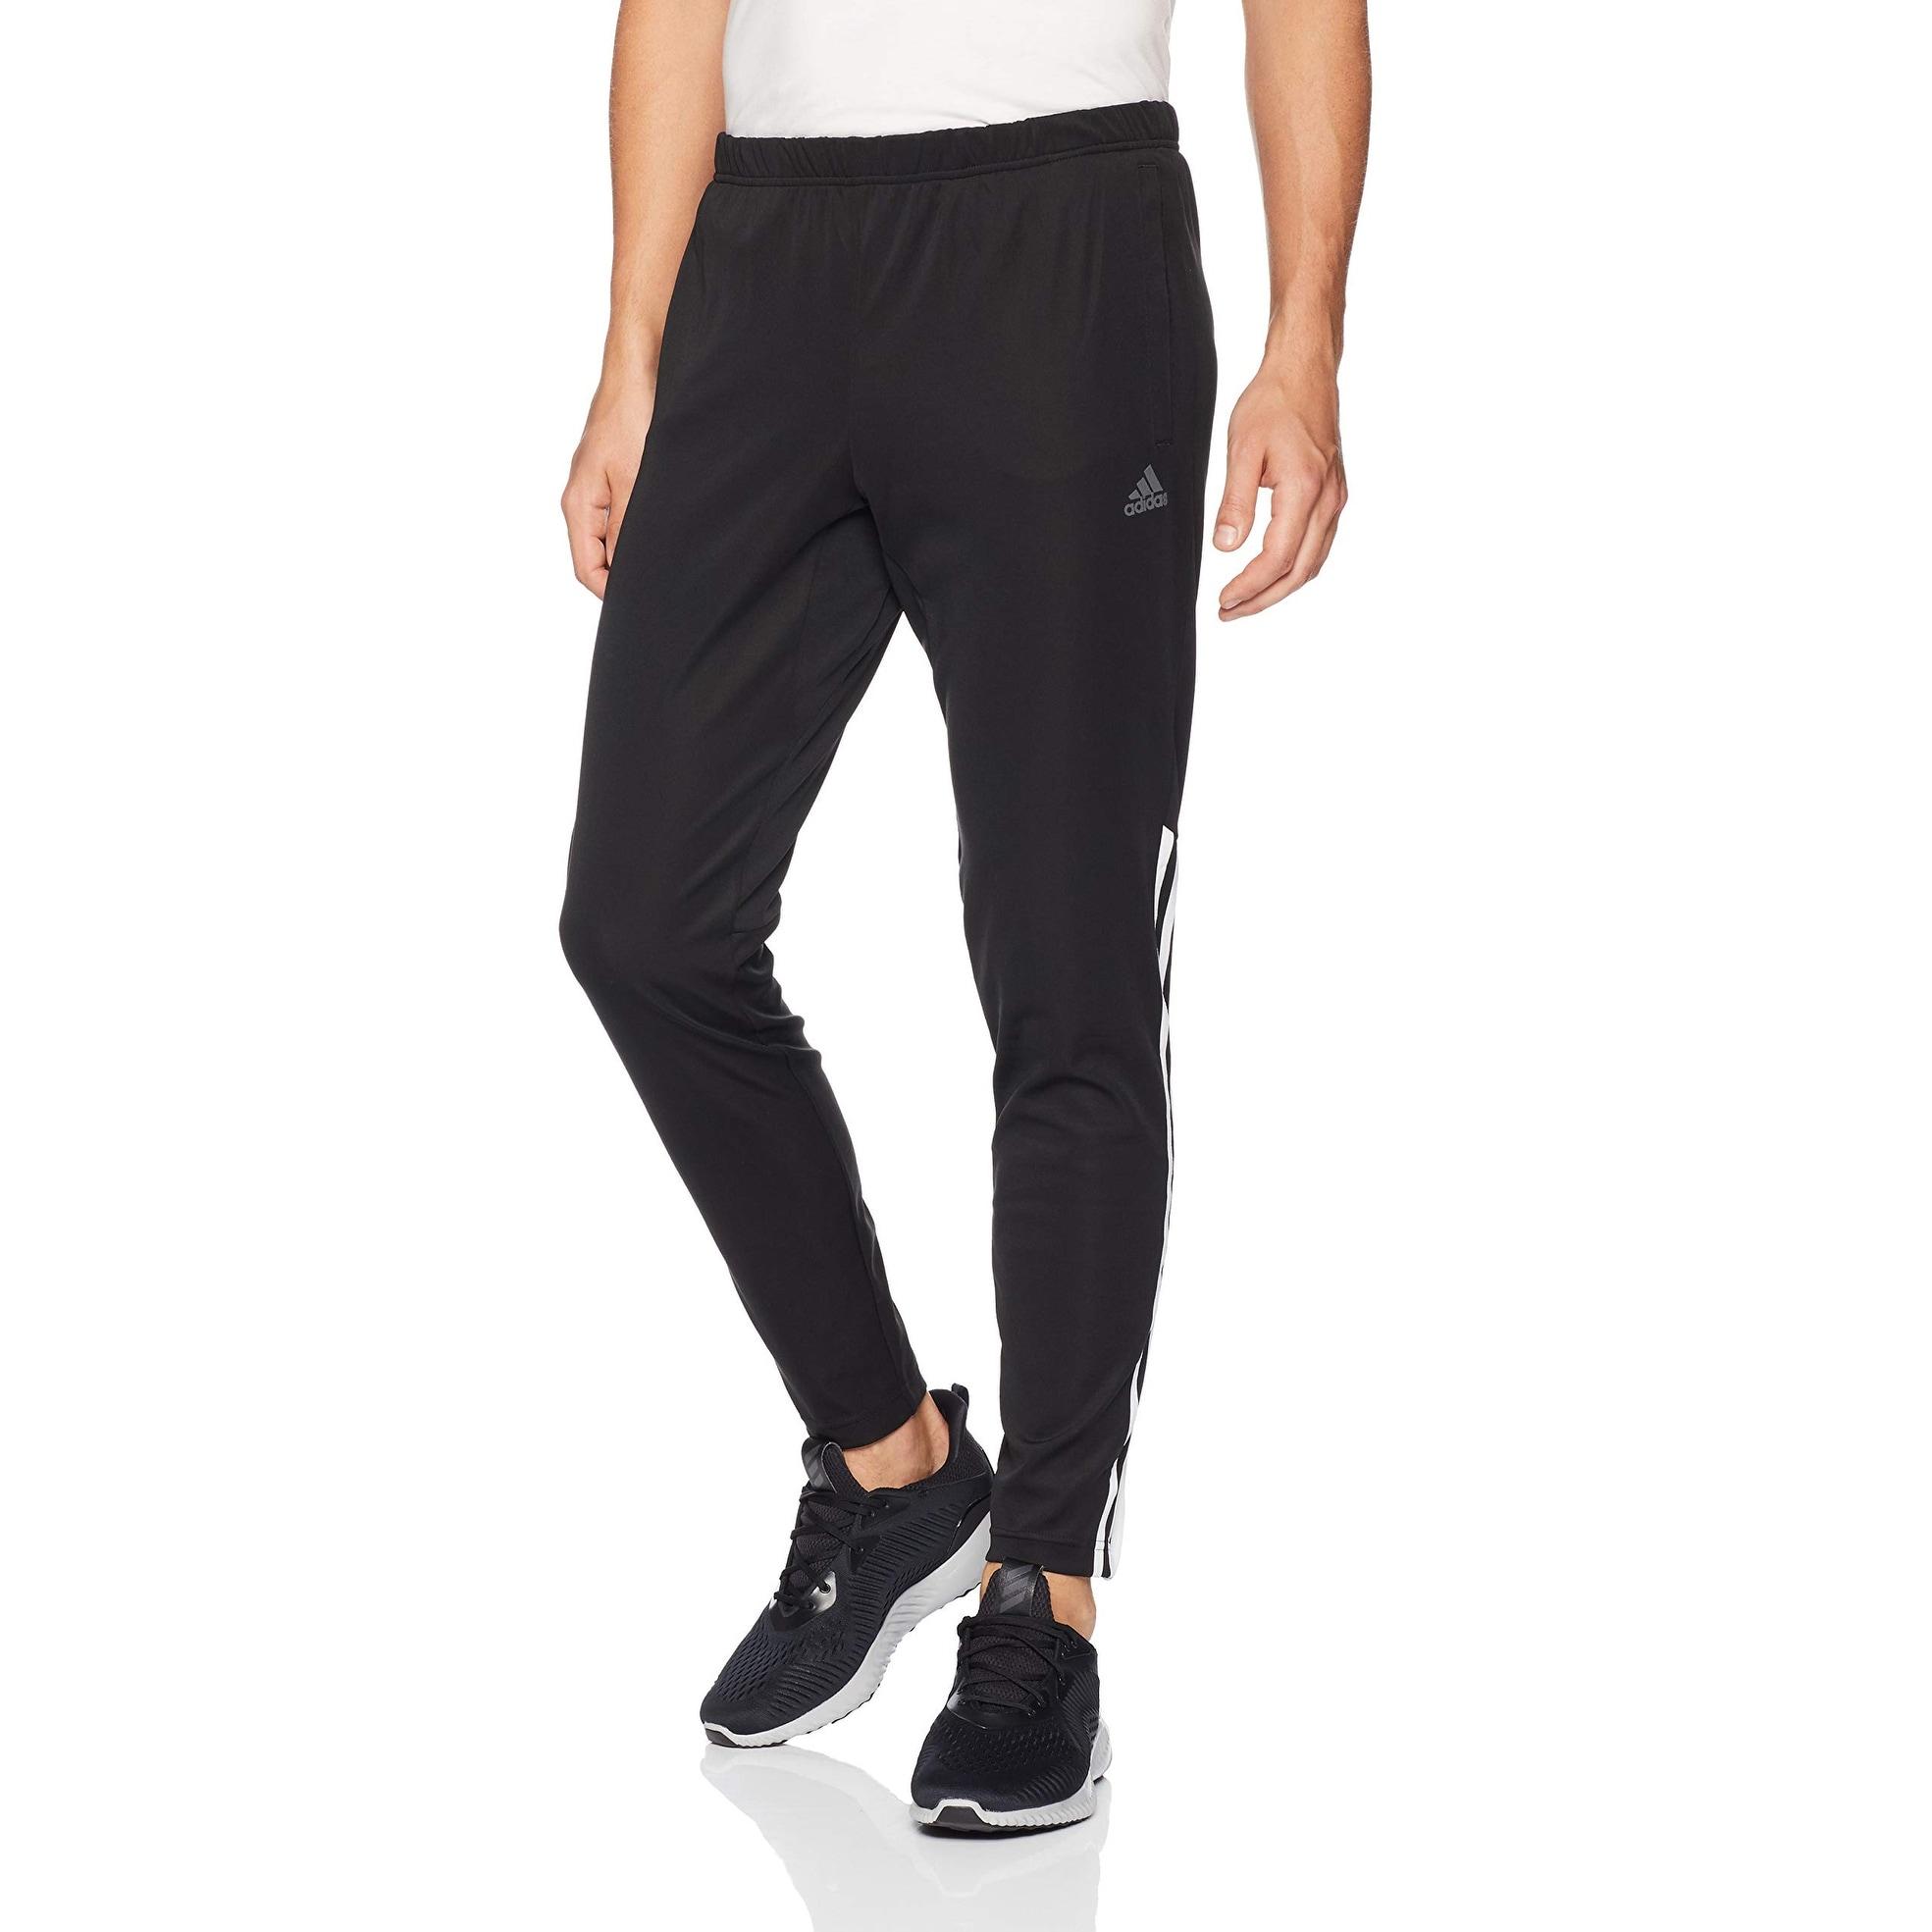 c2ef454a5504f3 Adidas Men s Clothing